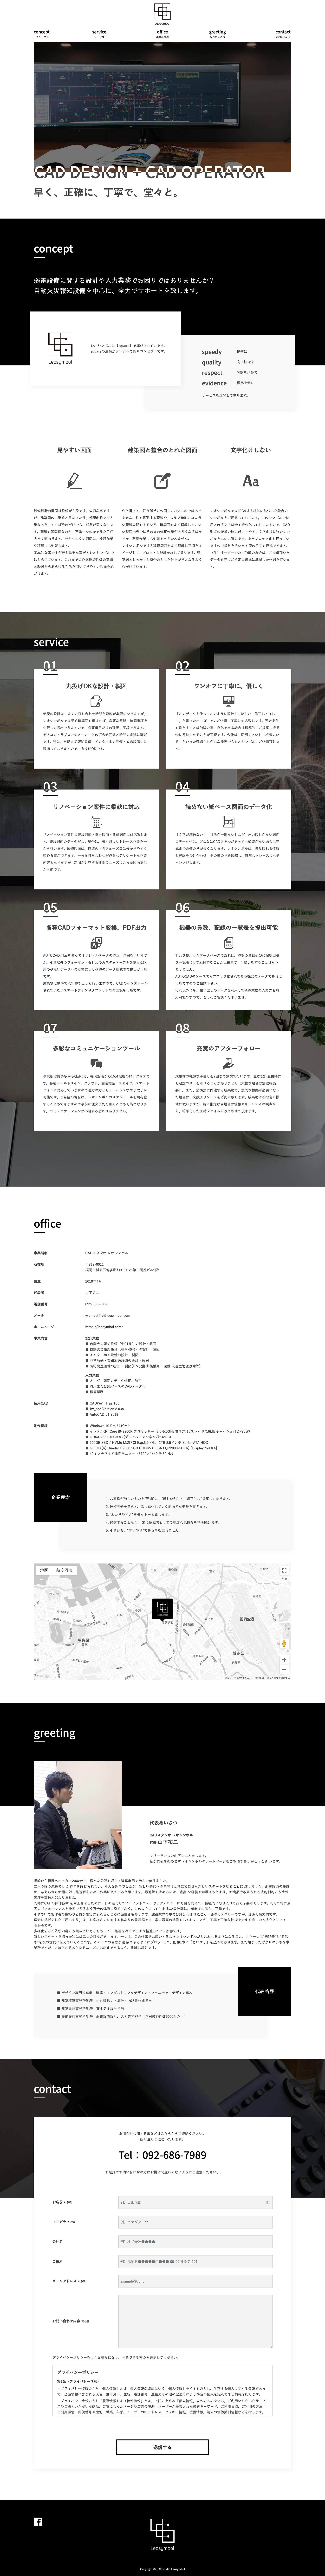 CADスタジオ レオシンボル様 ホームページ PC画像